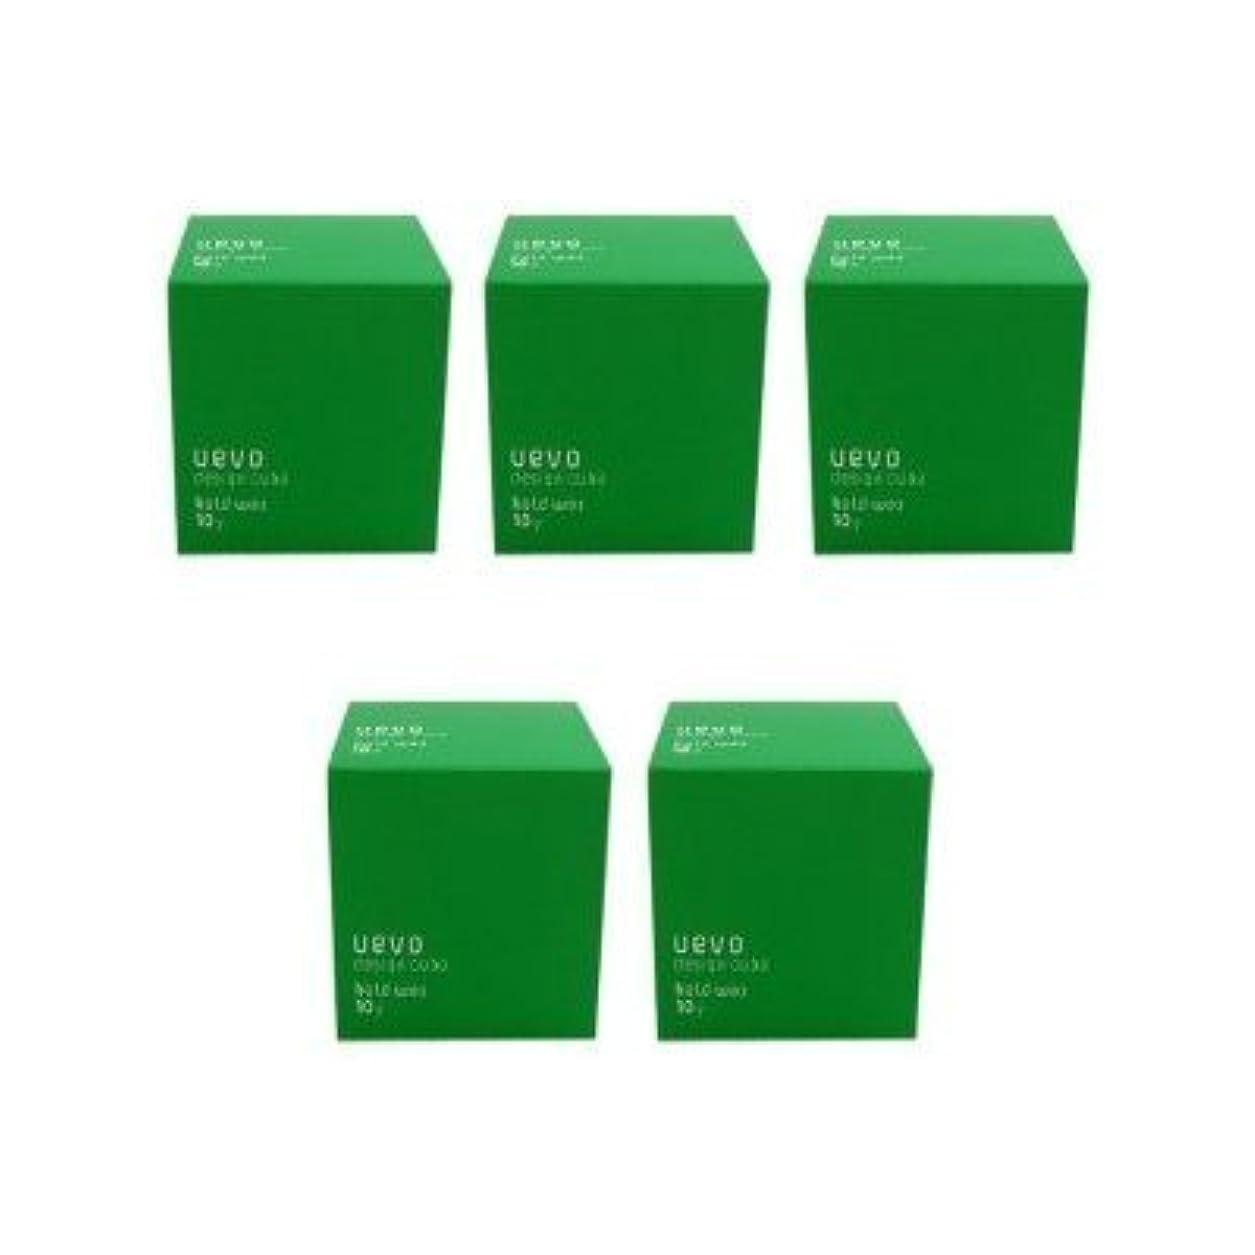 その他香ばしいだらしない【X5個セット】 デミ ウェーボ デザインキューブ ホールドワックス 80g hold wax DEMI uevo design cube